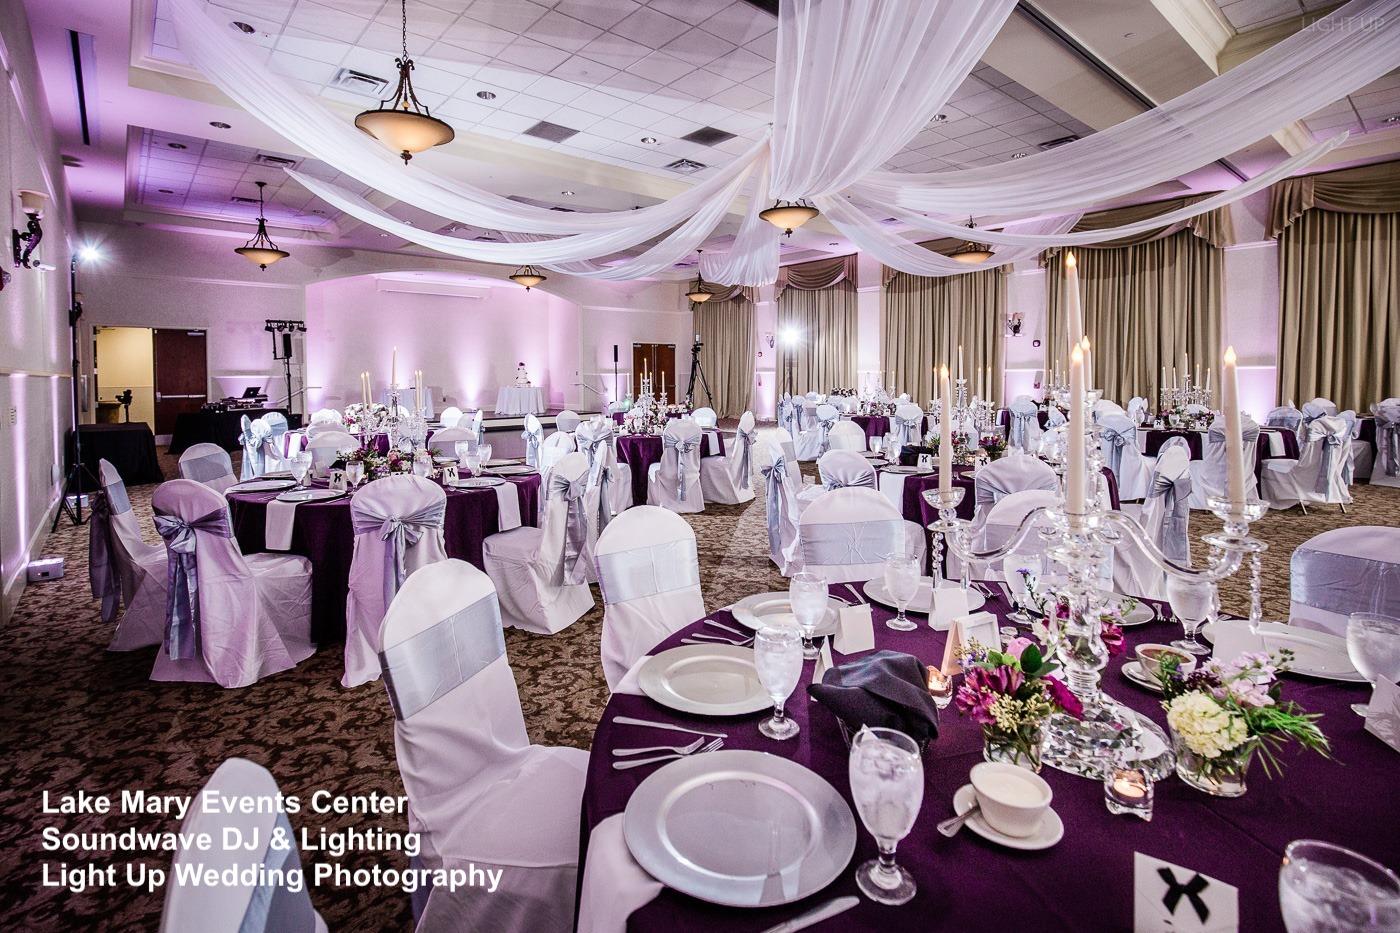 lake mary events center - orlando wedding venue - soundwave DJ - orlando dj